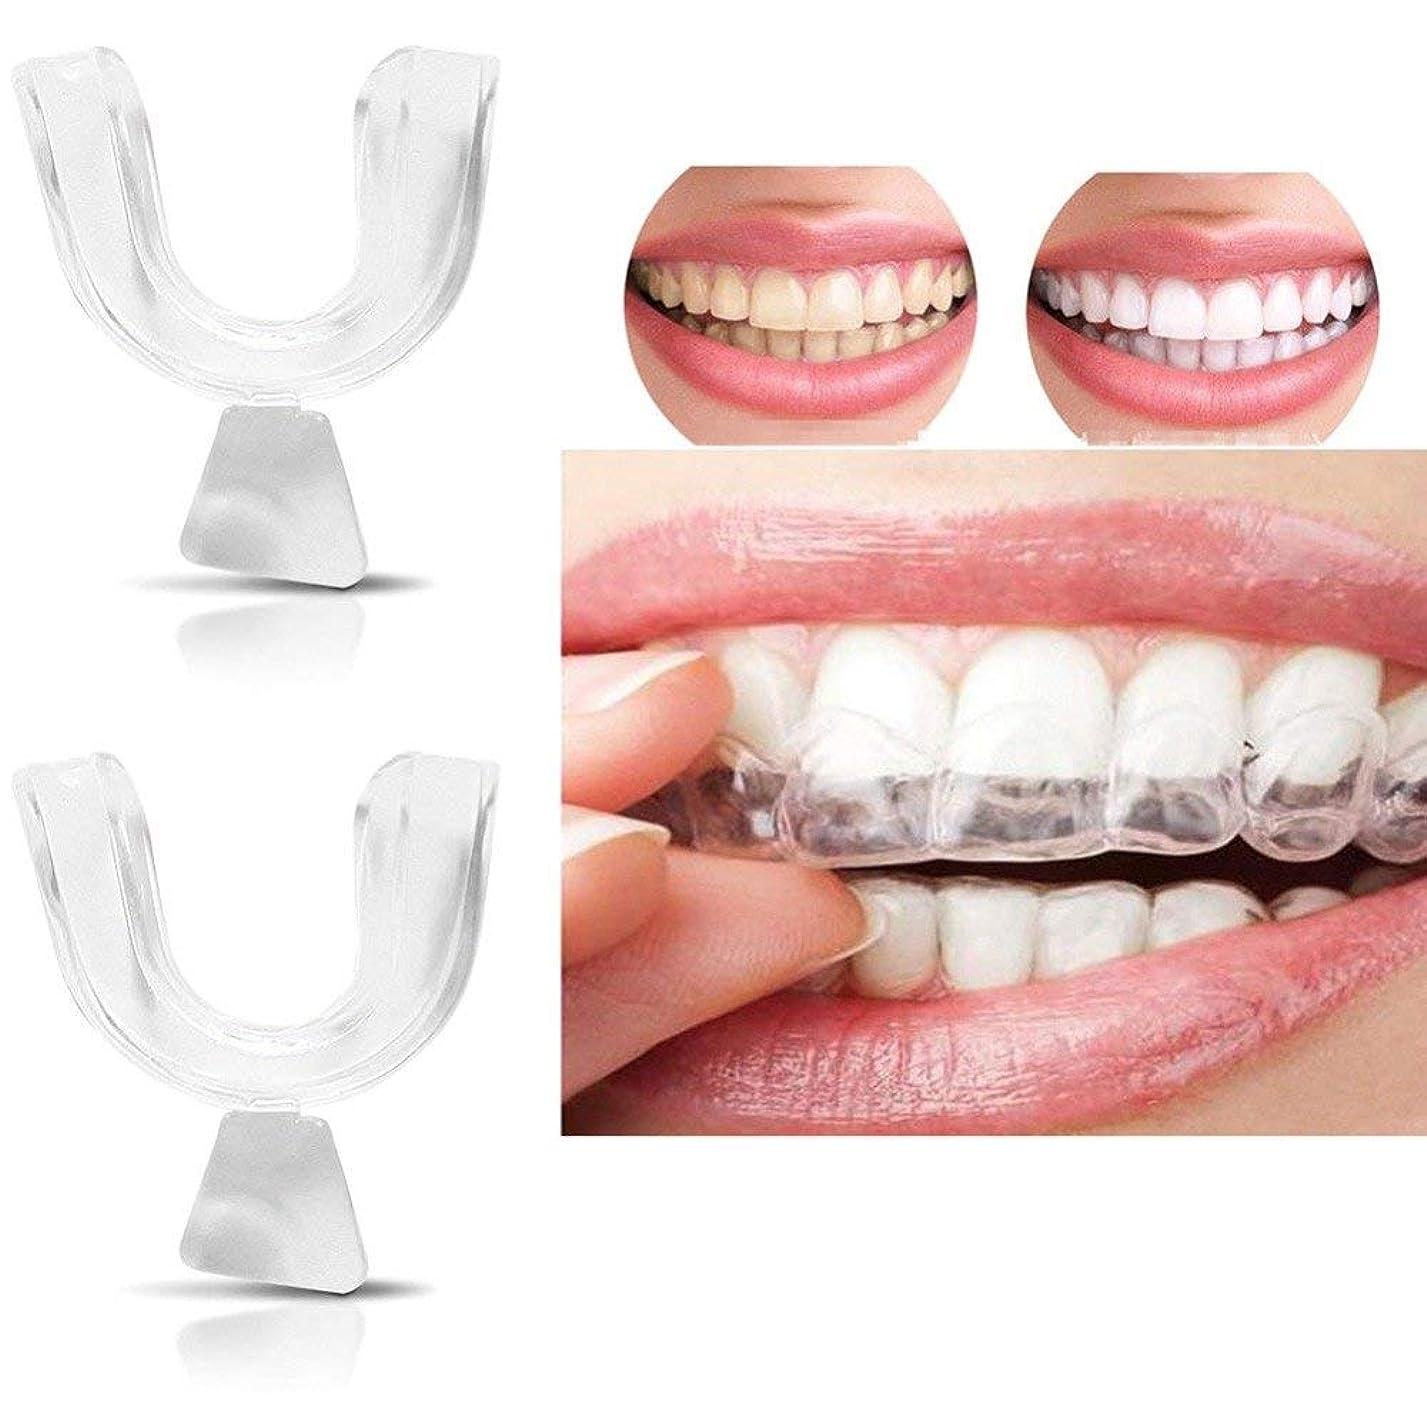 適度なソーダ水受け入れる2ピース歯ホワイトニングトレイ成形可能な透明シリコーン熱成形歯科用マウスガードホワイトナーマウスケア